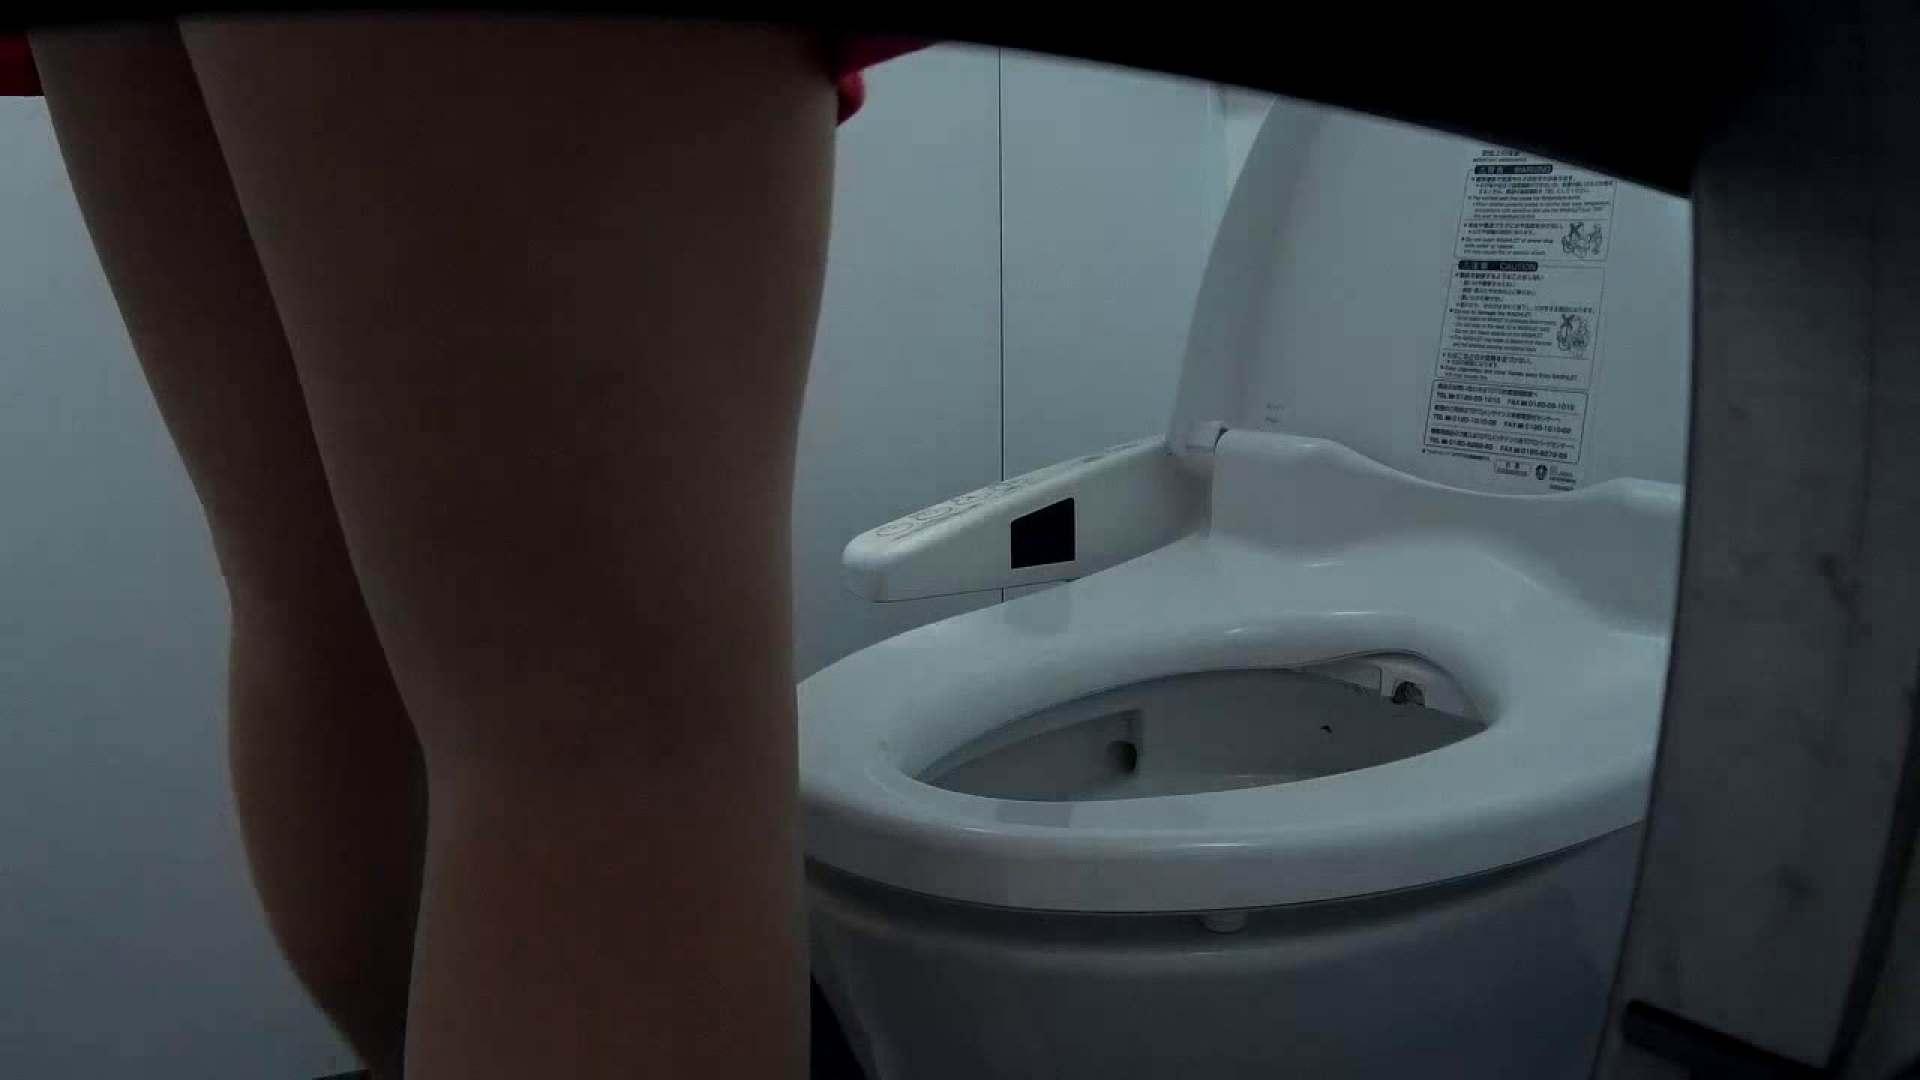 有名大学女性洗面所 vol.35 安定の2カメ 最近の女性は保守的な下着が多め? 高画質 濡れ場動画紹介 60画像 4